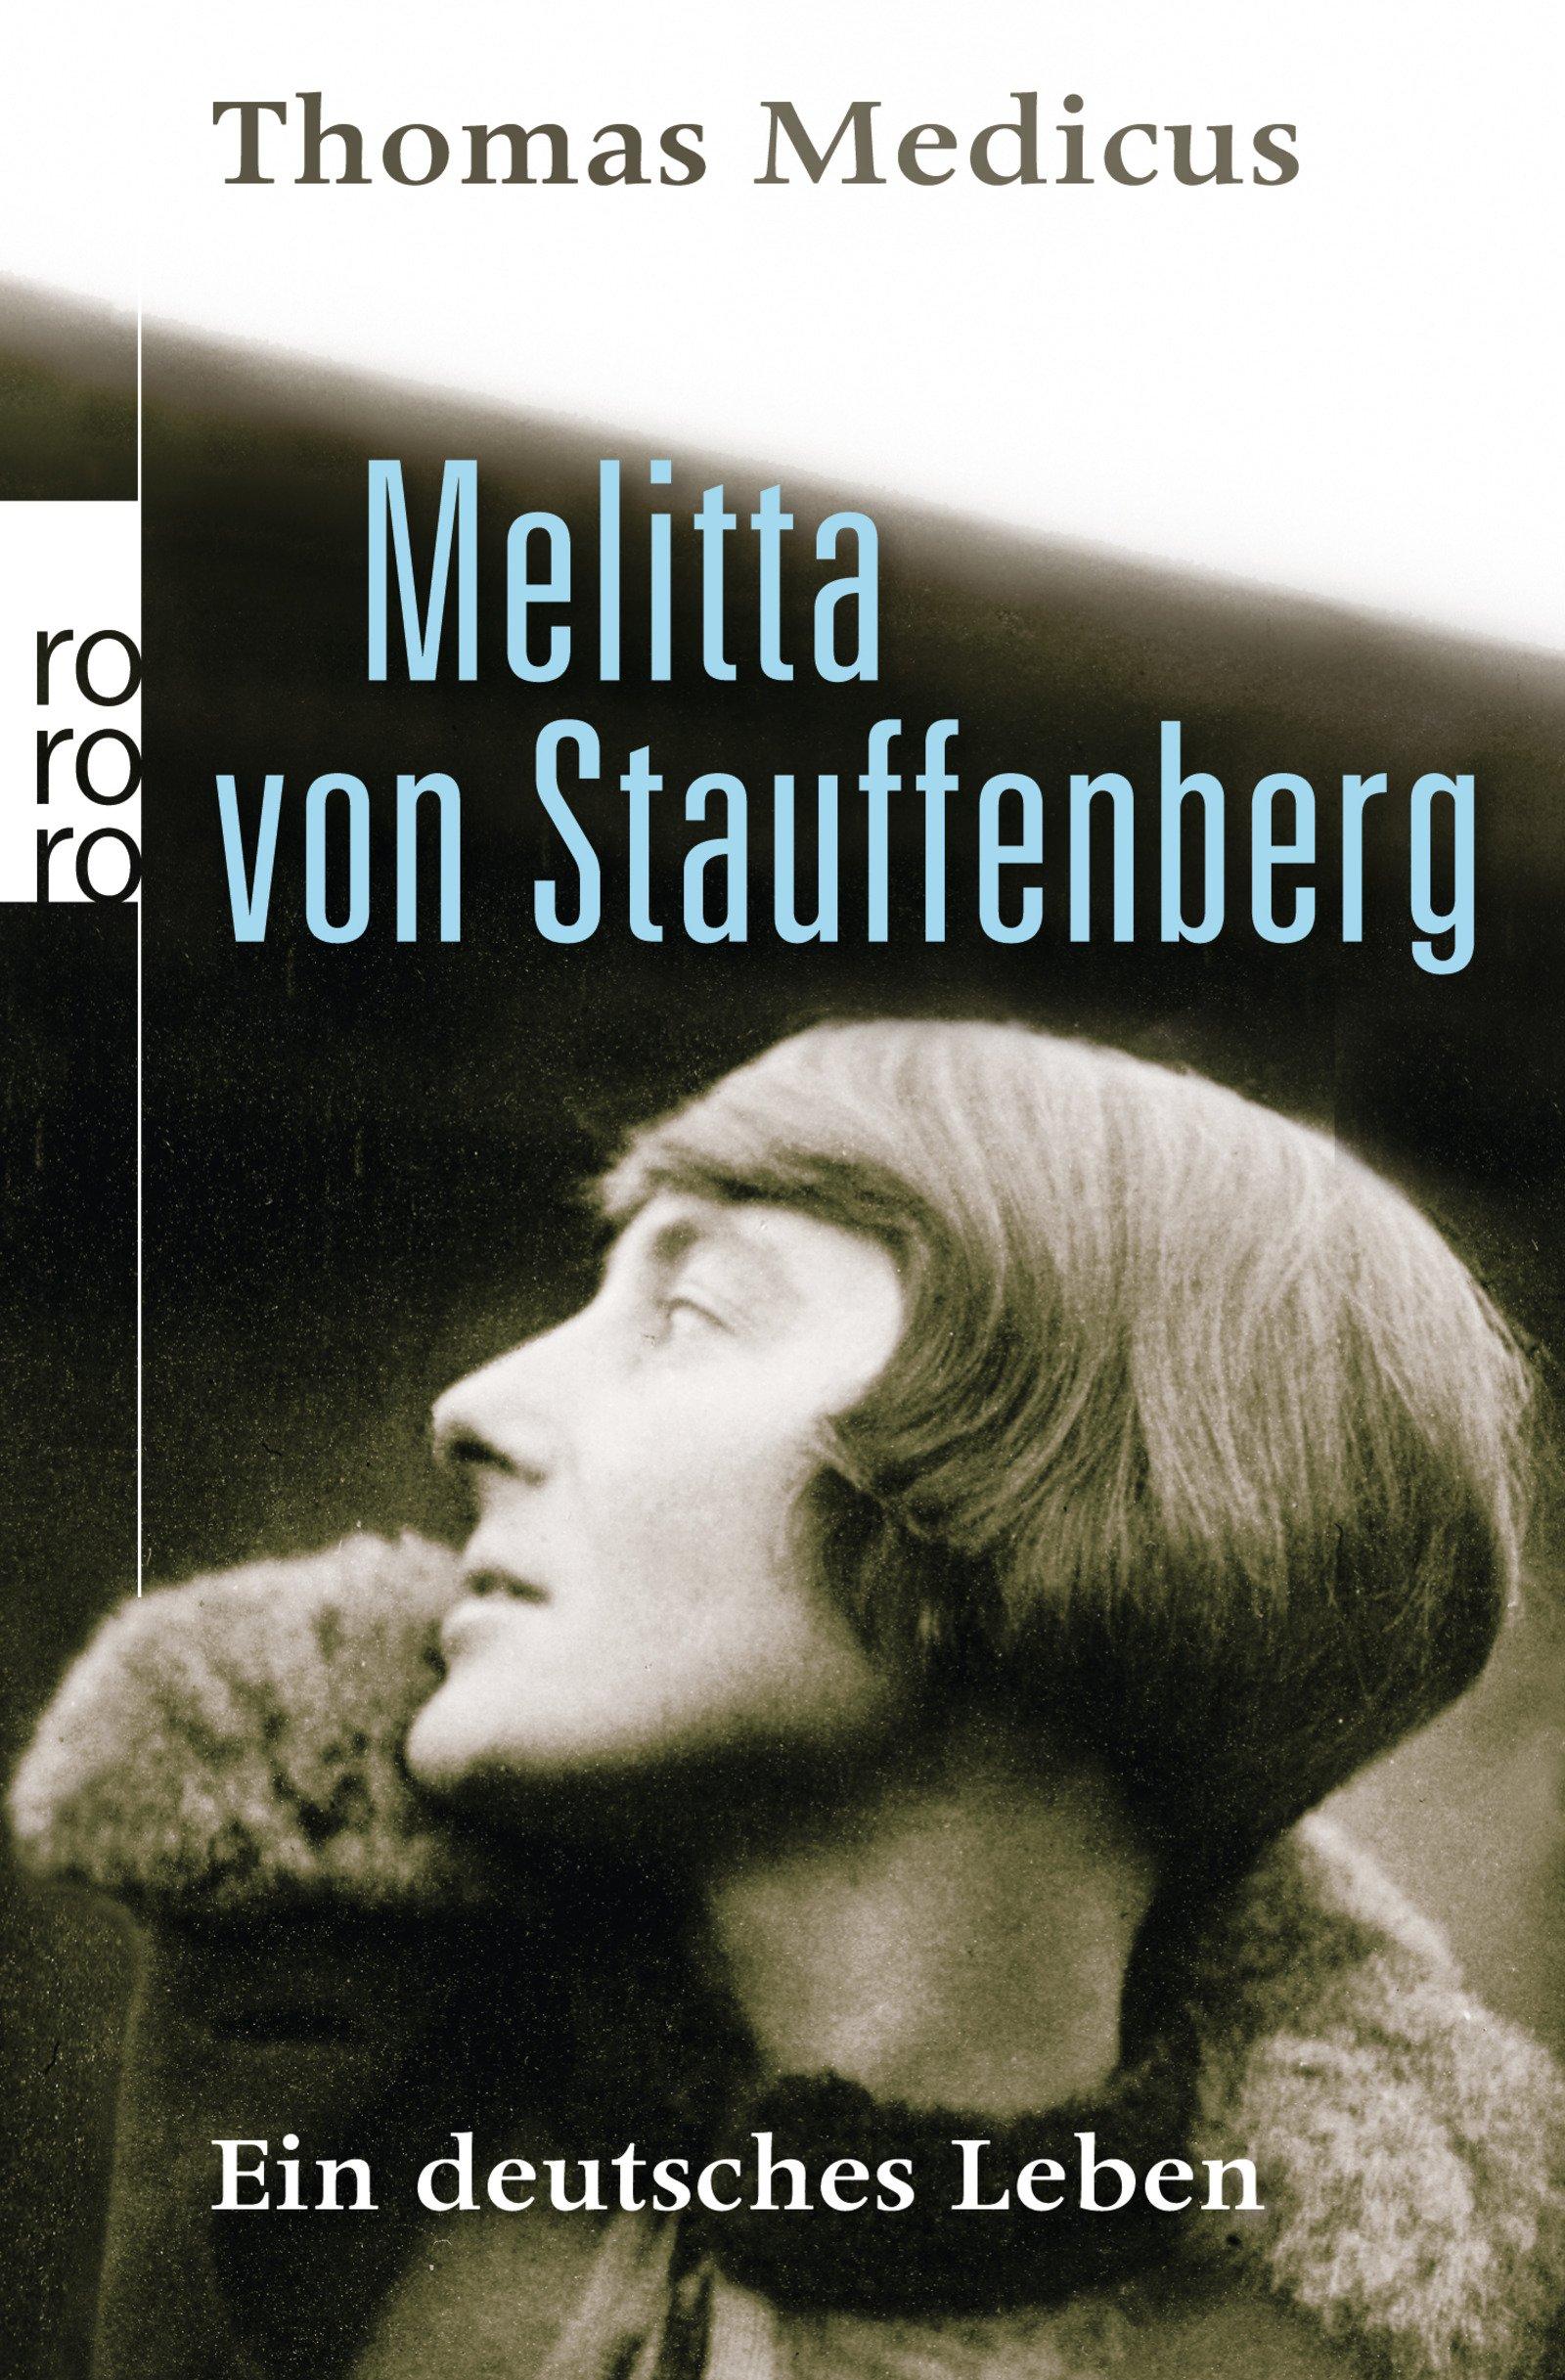 melitta-von-stauffenberg-ein-deutsches-leben